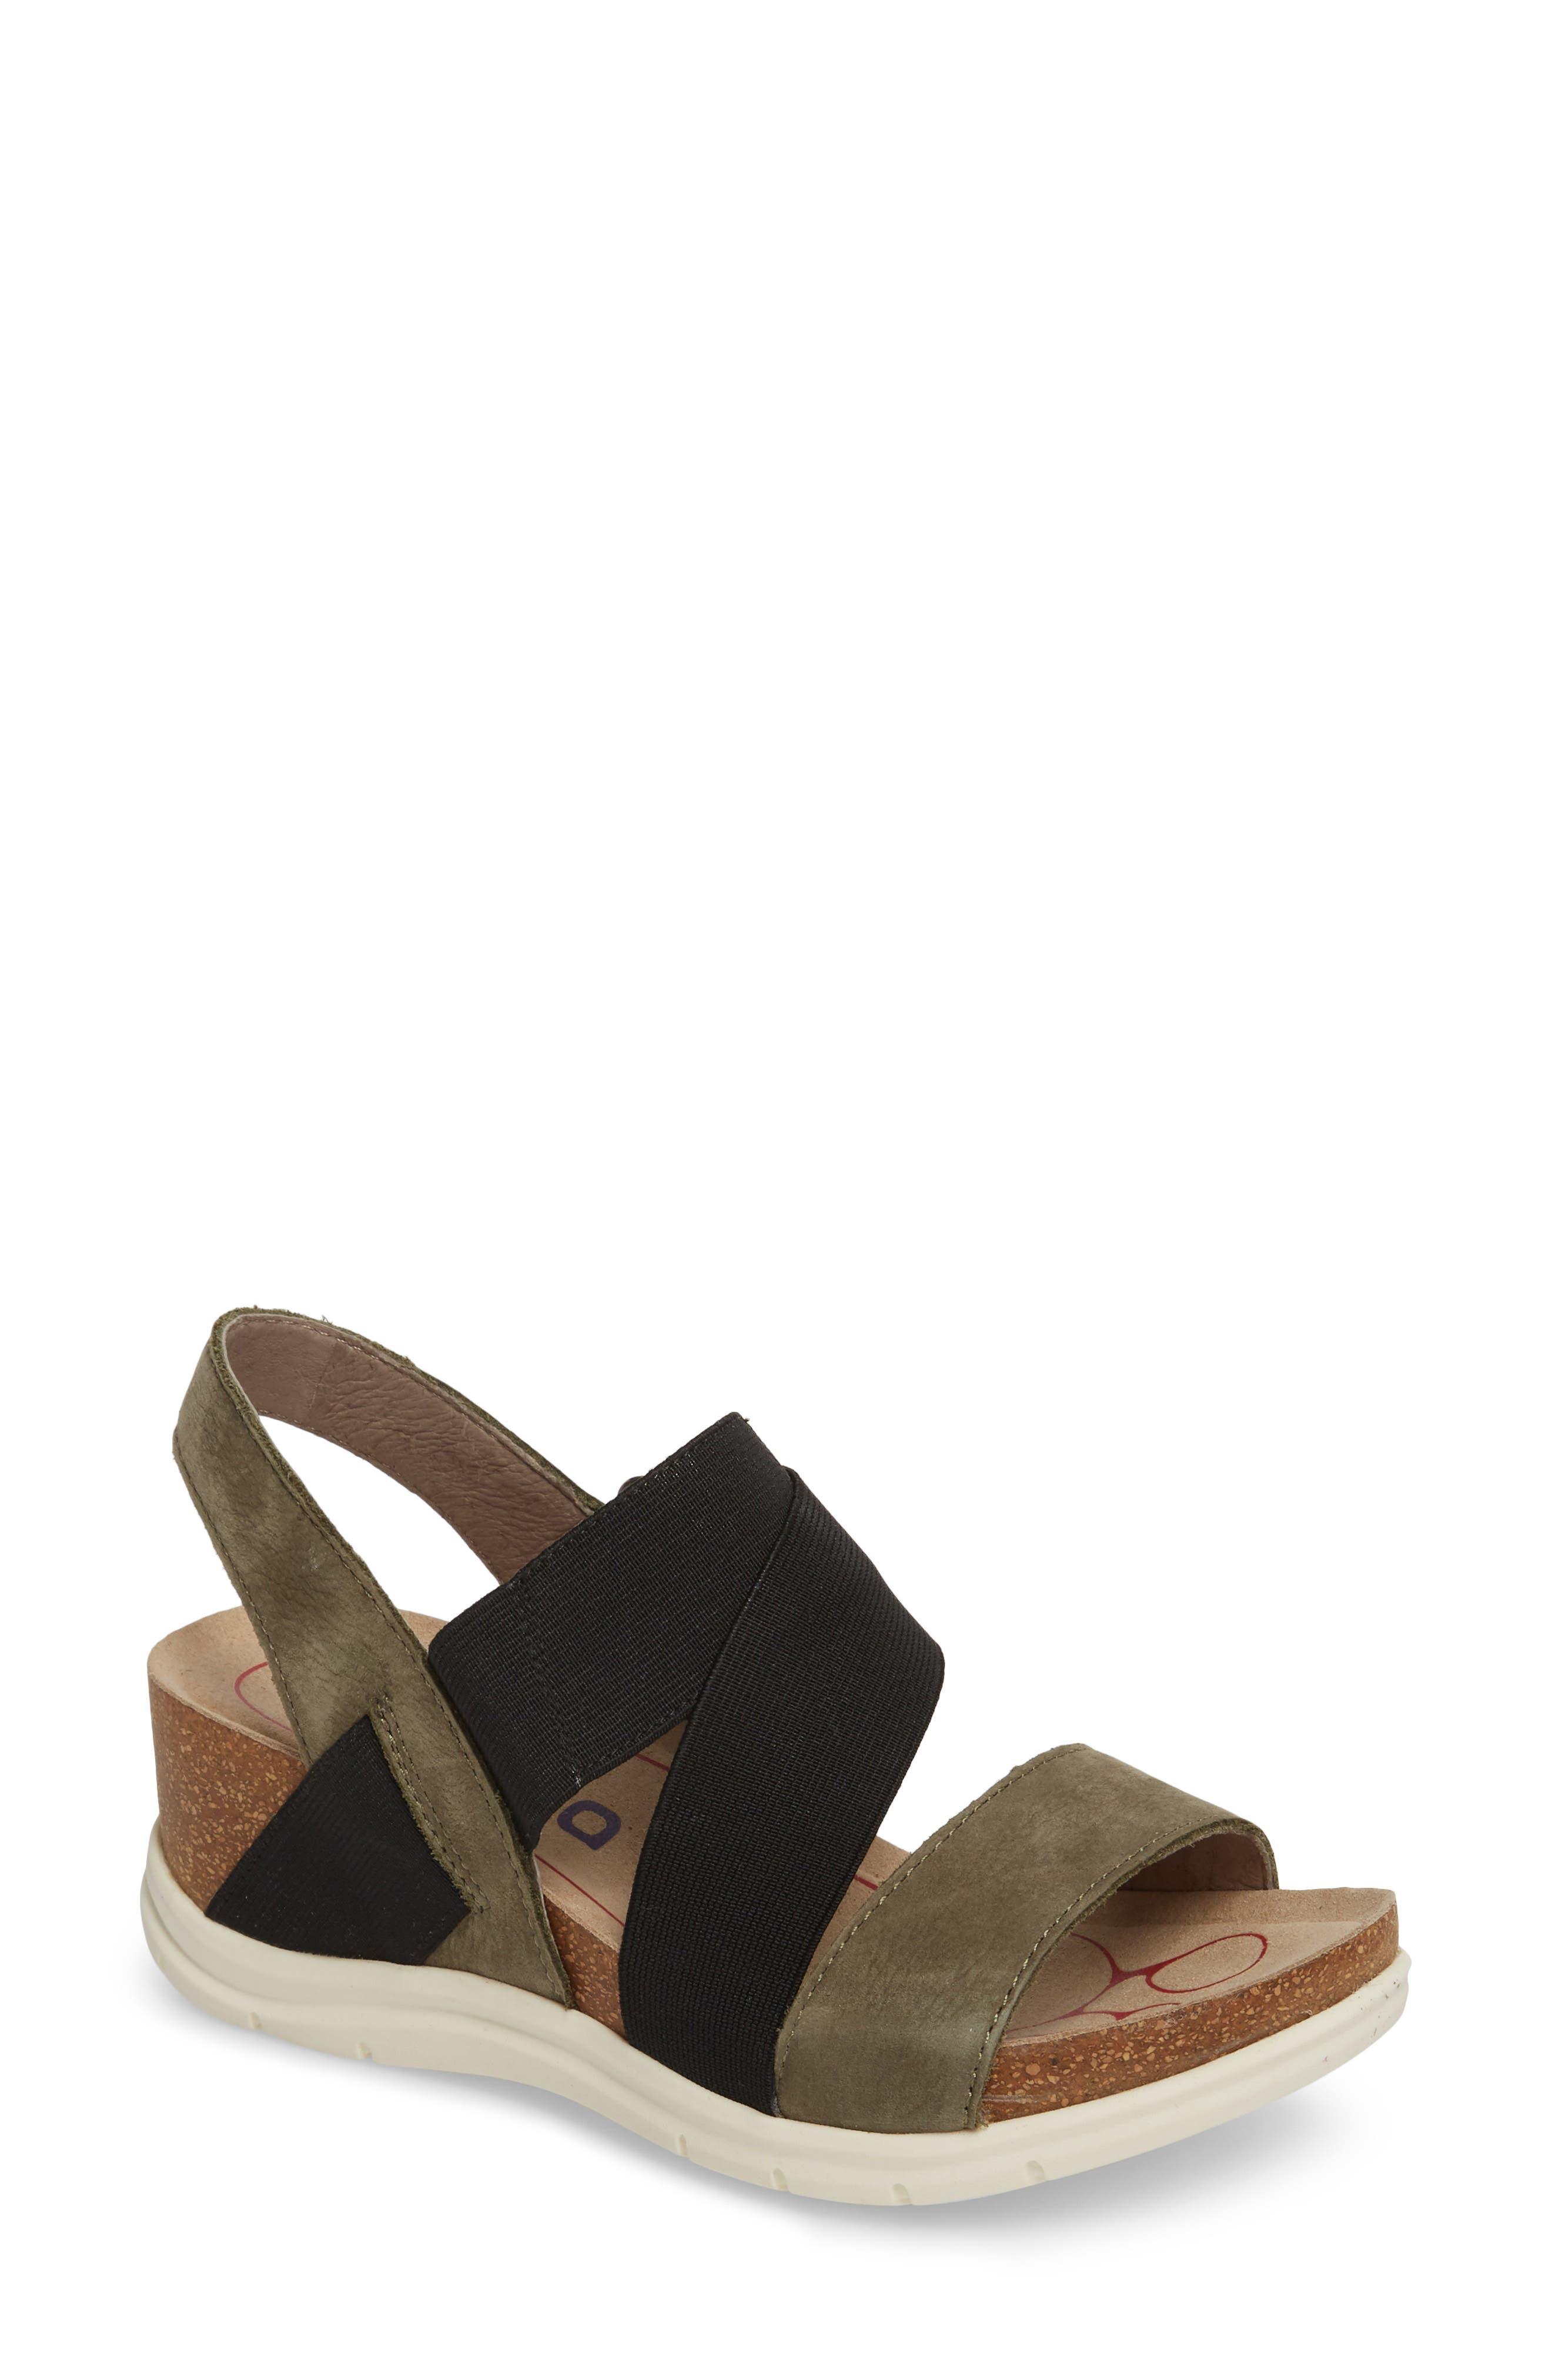 Paisley Wedge Sandal,                             Main thumbnail 3, color,